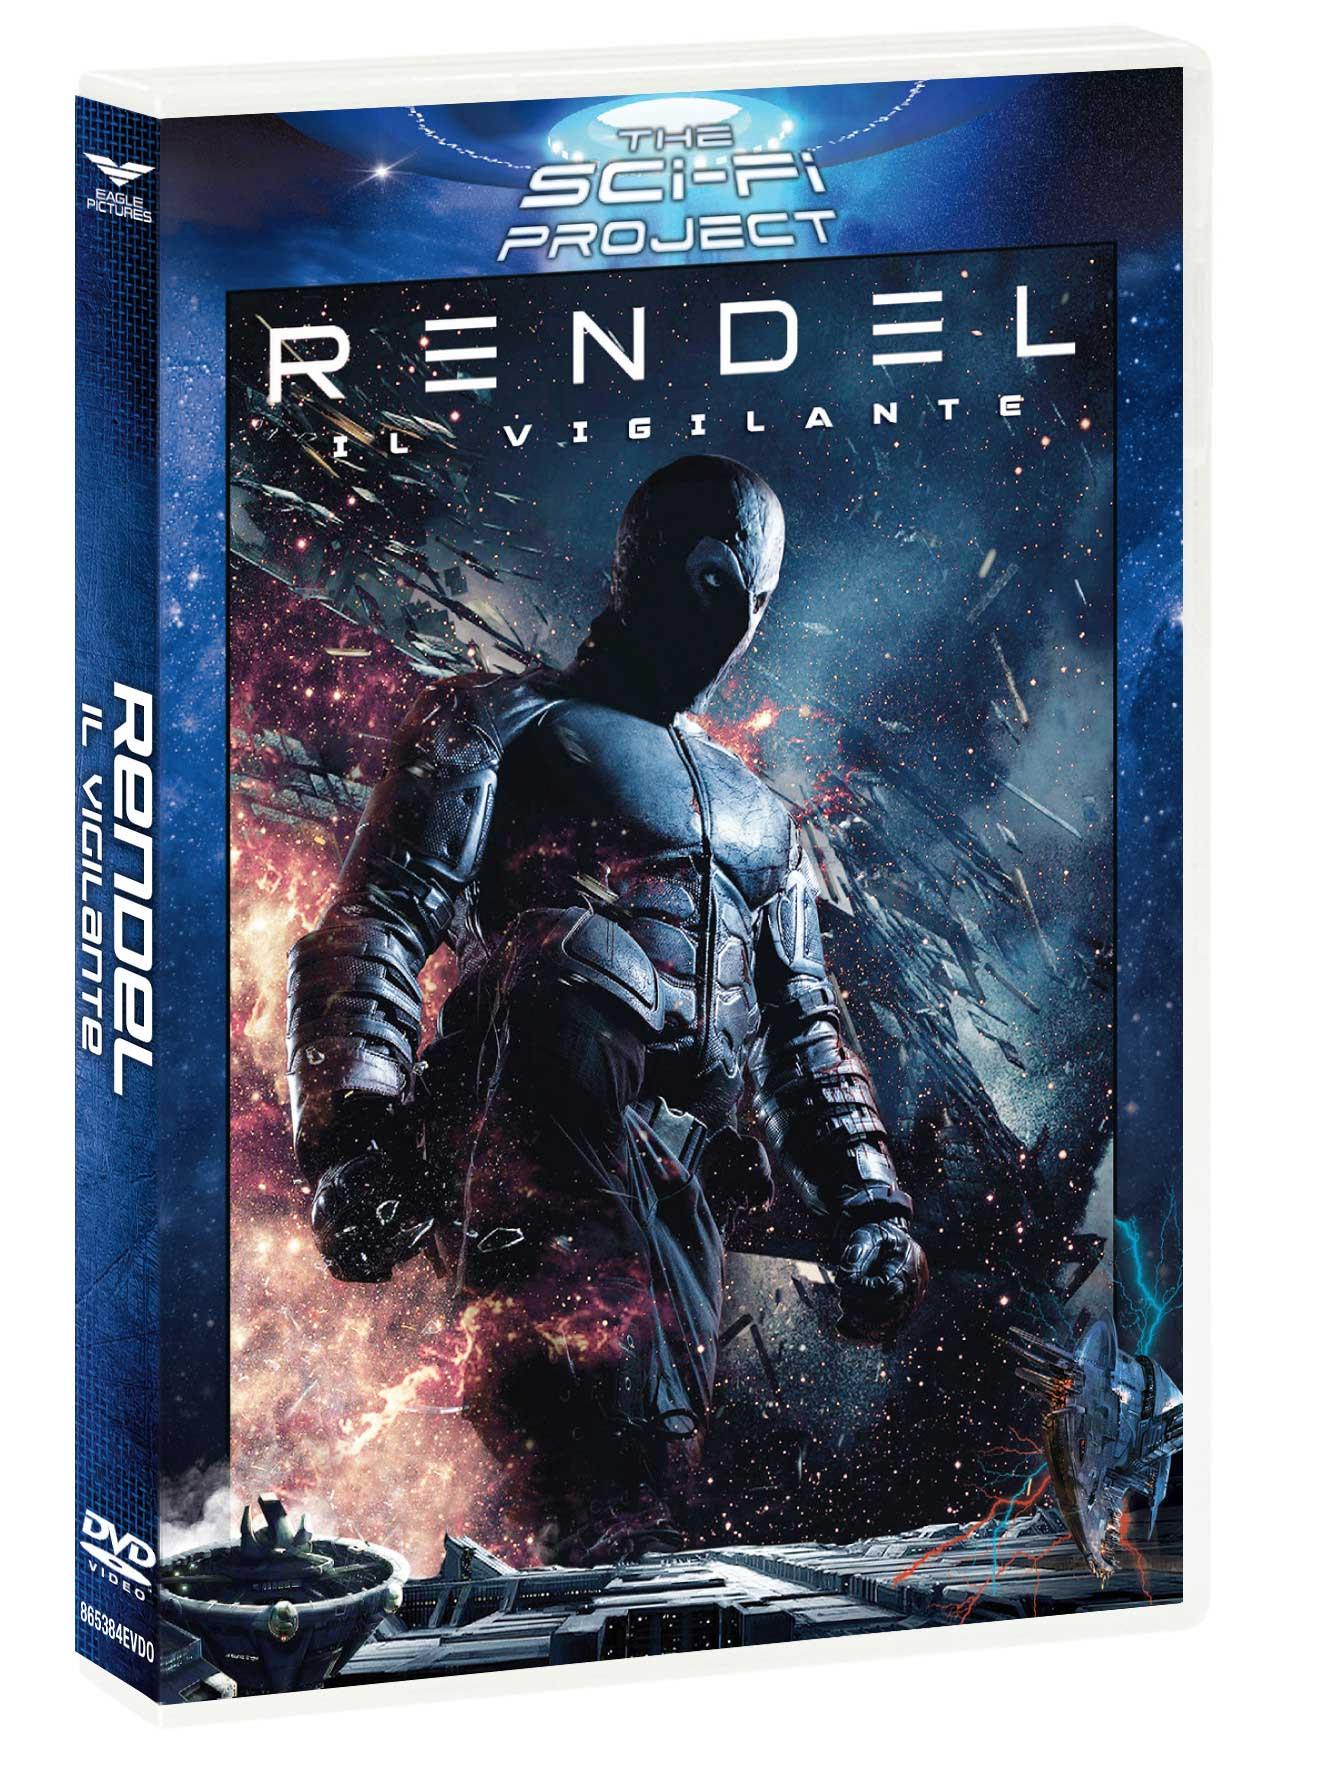 RENDEL - IL VIGILANTE (SCI-FI PROJECT) (DVD)